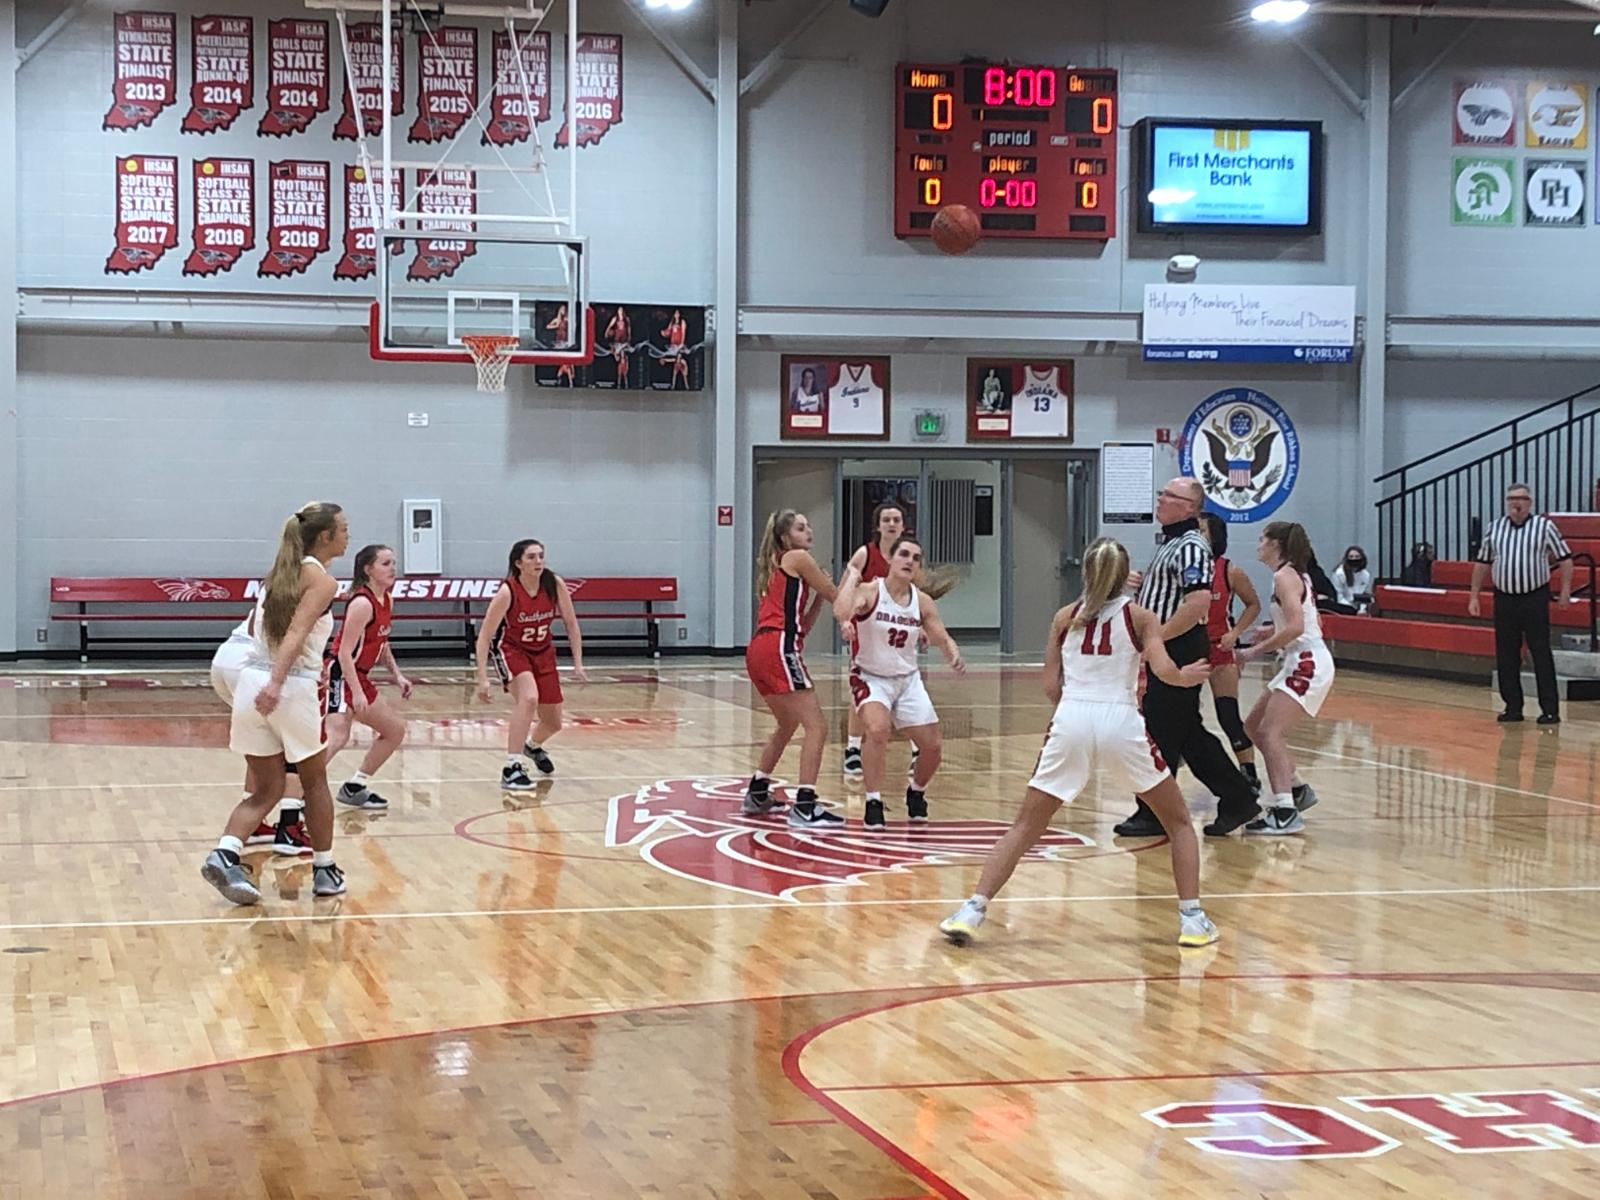 Girls basketball preview: vs. Rushville/Whiteland